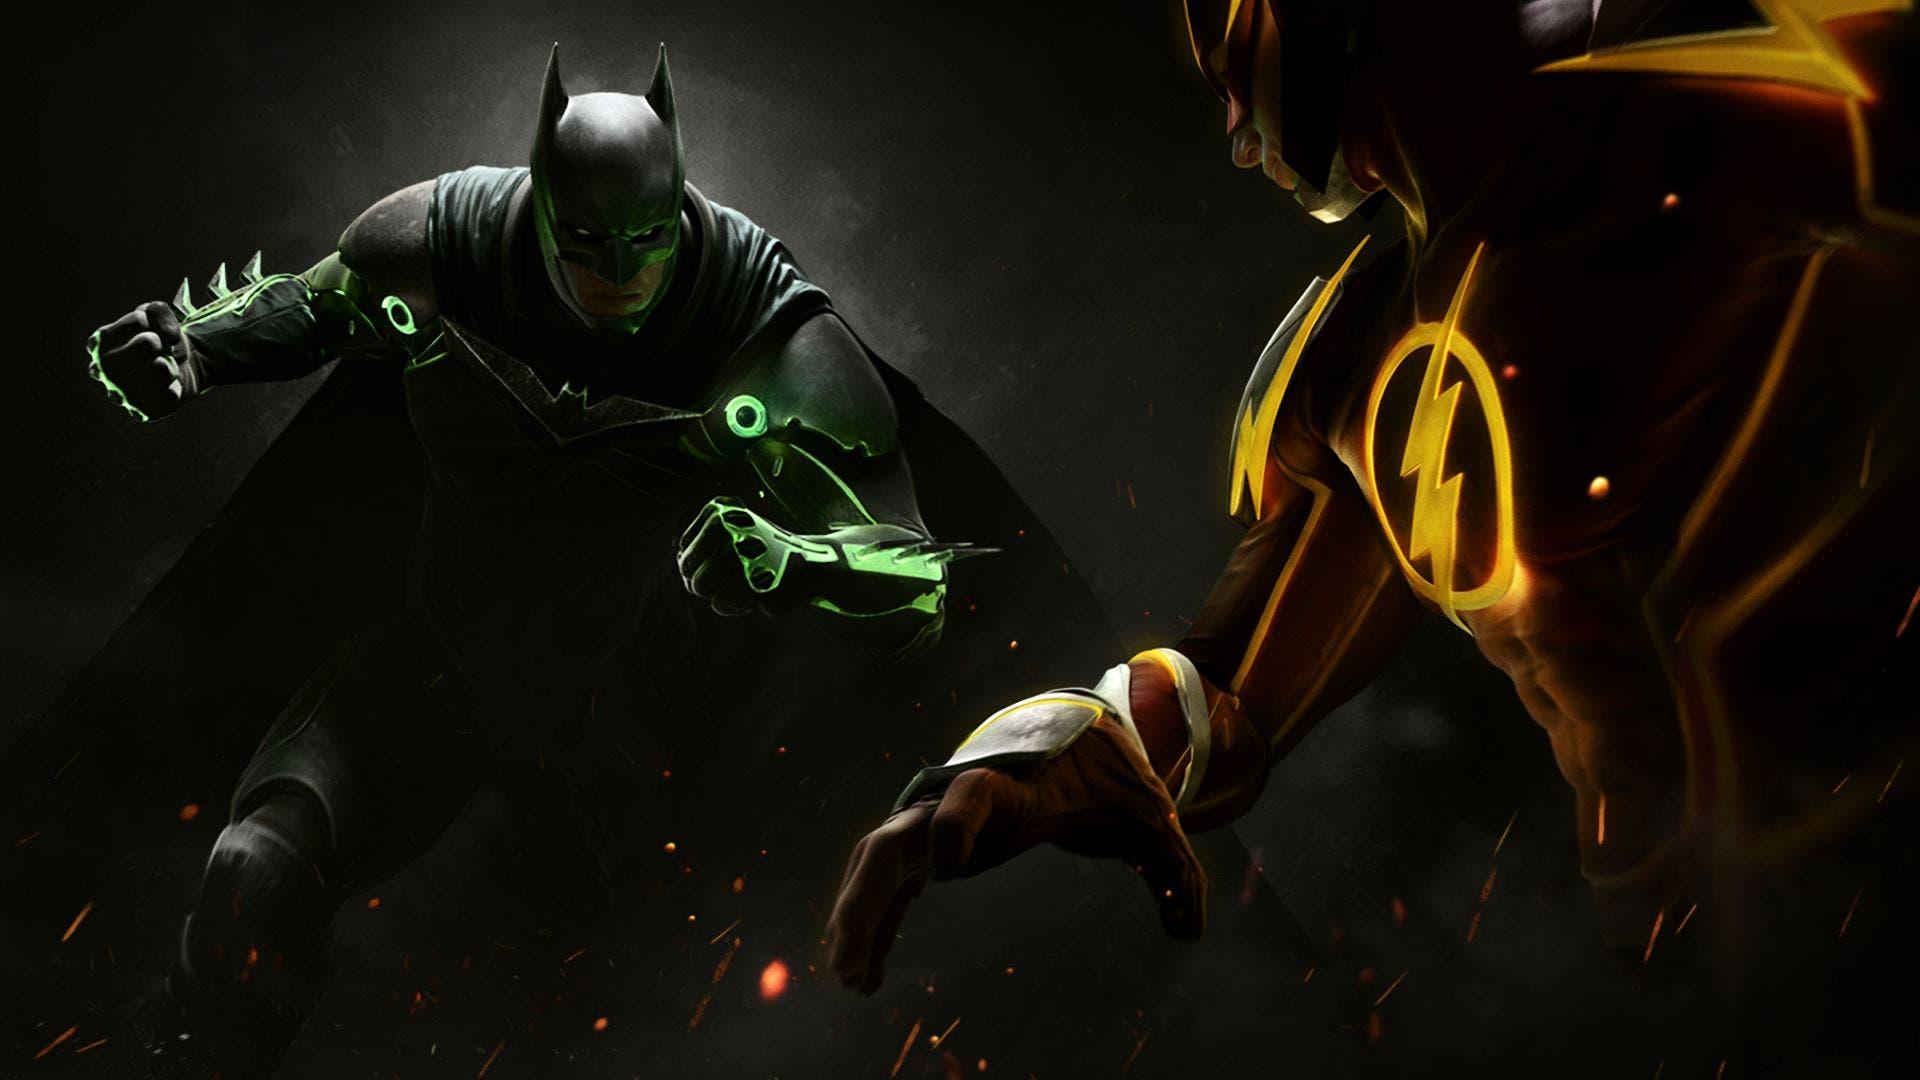 El creador de Injustice estará en el DC Fandome ¿Anunciarán algo desde NetherRealm? 2